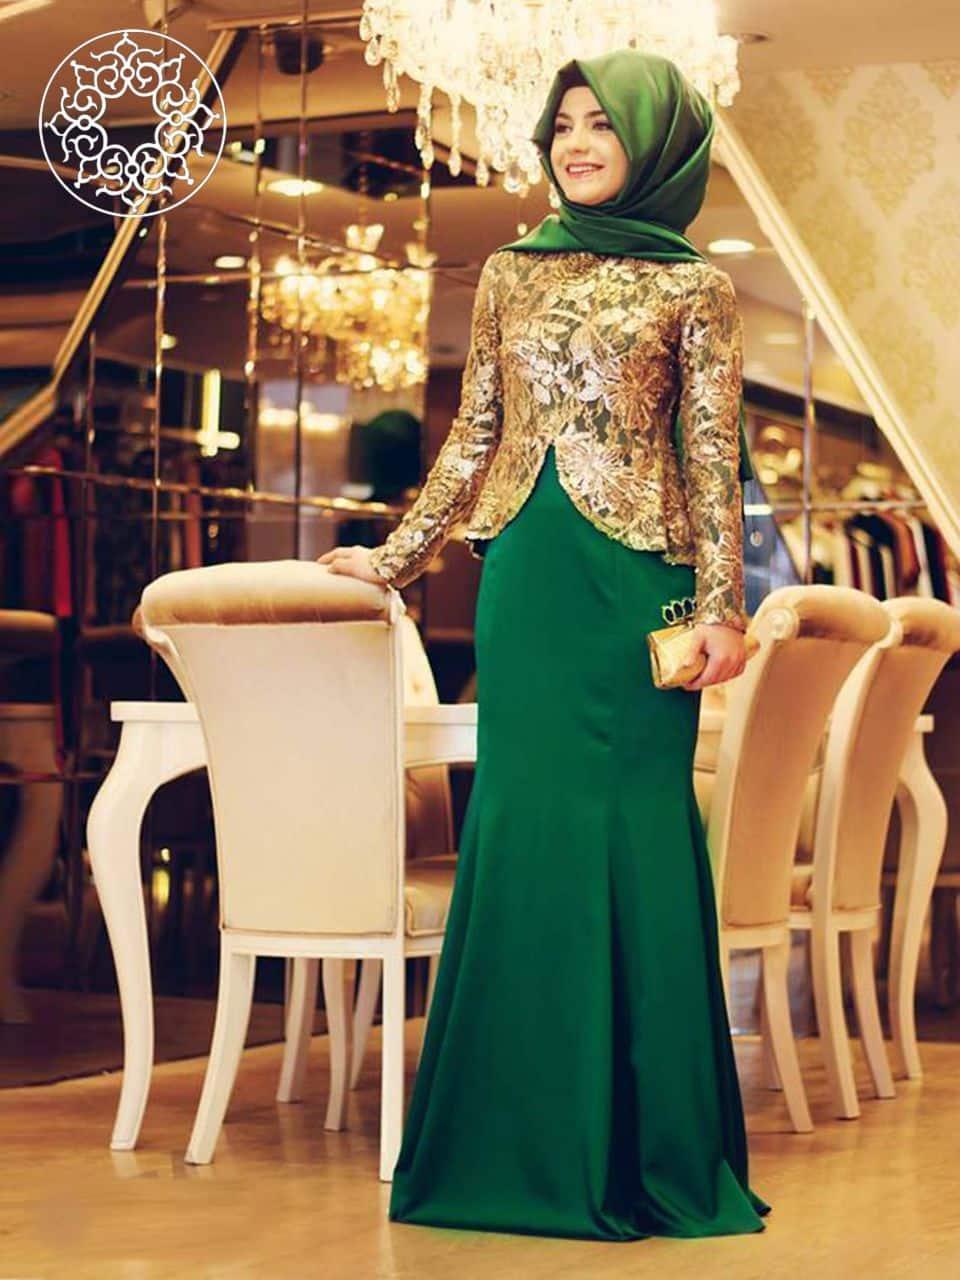 صور فساتين سهرة خاصة بالمحجبات على الموضة جميلة جدا